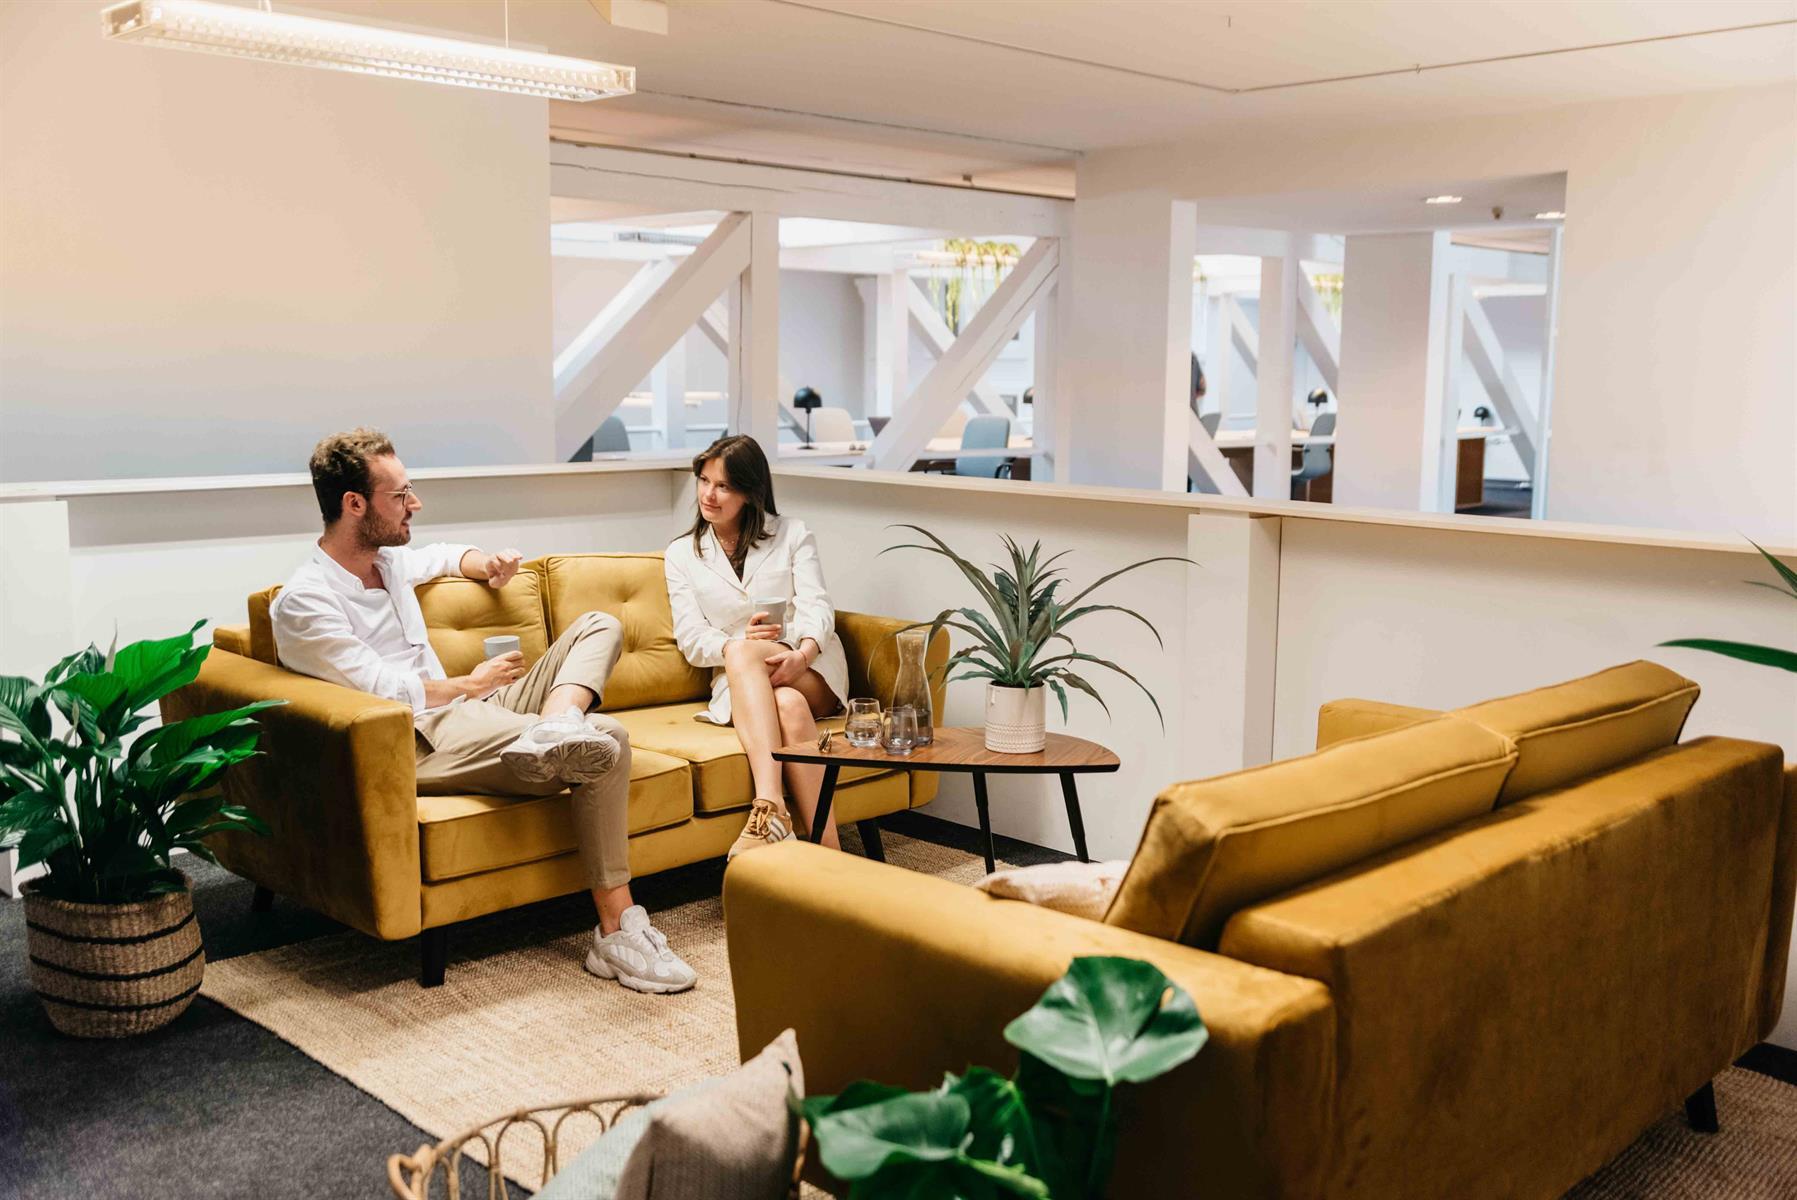 kantoor te huur Privékantoor - IJzerenpoortkaai 3, 2000 Antwerpen, België 2